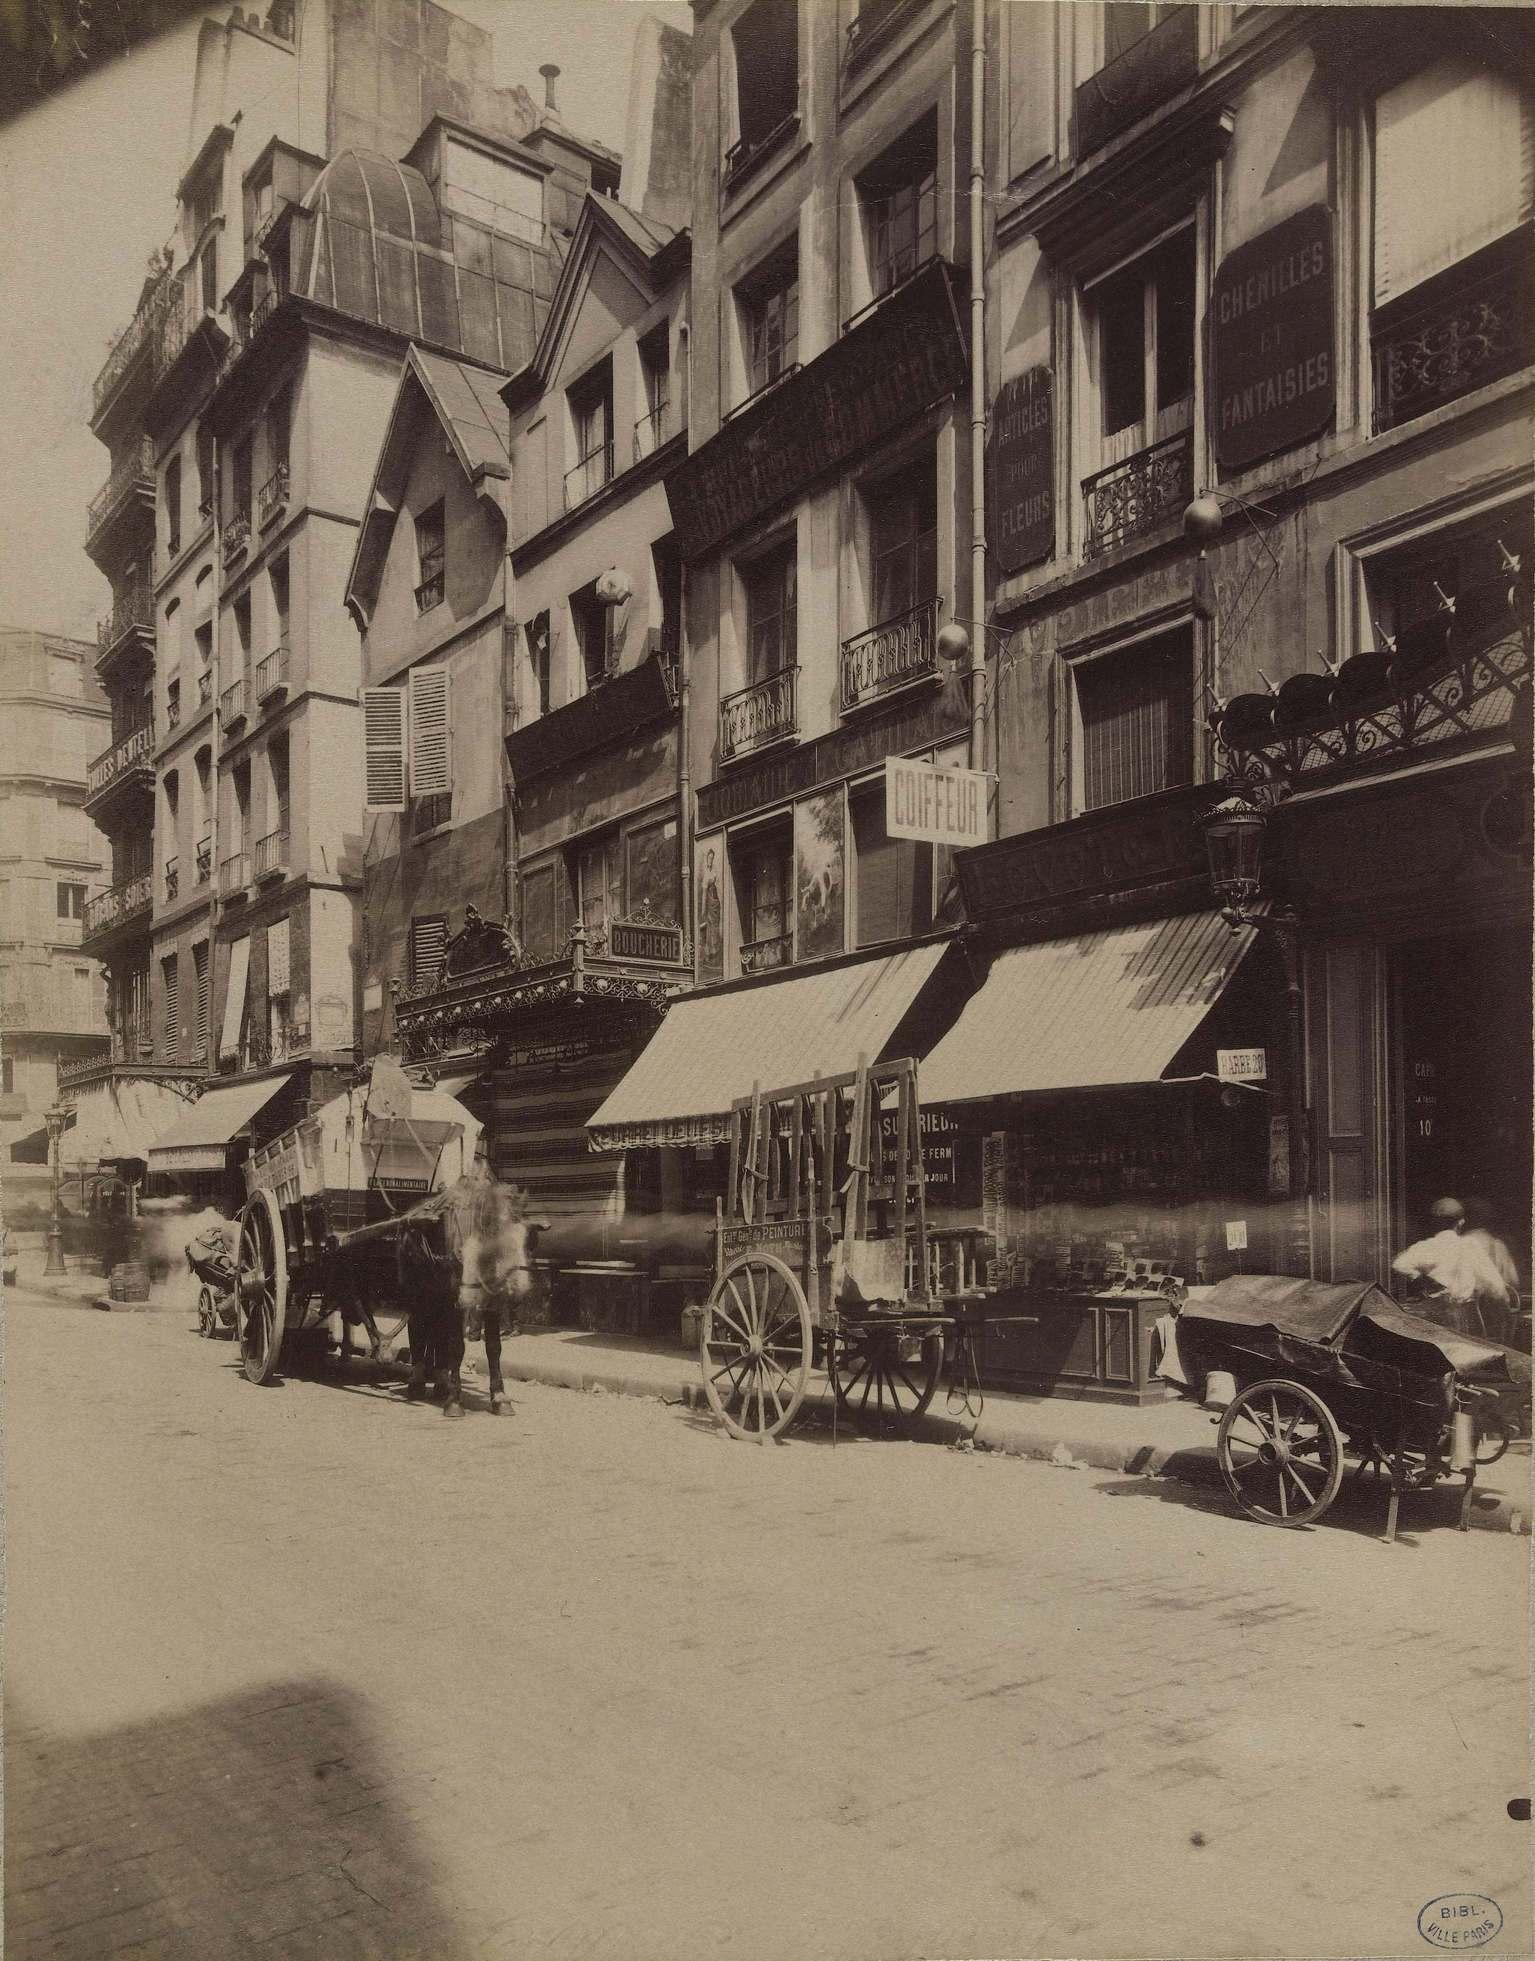 La rue et son mobilier : reflet du théâtre urbain |